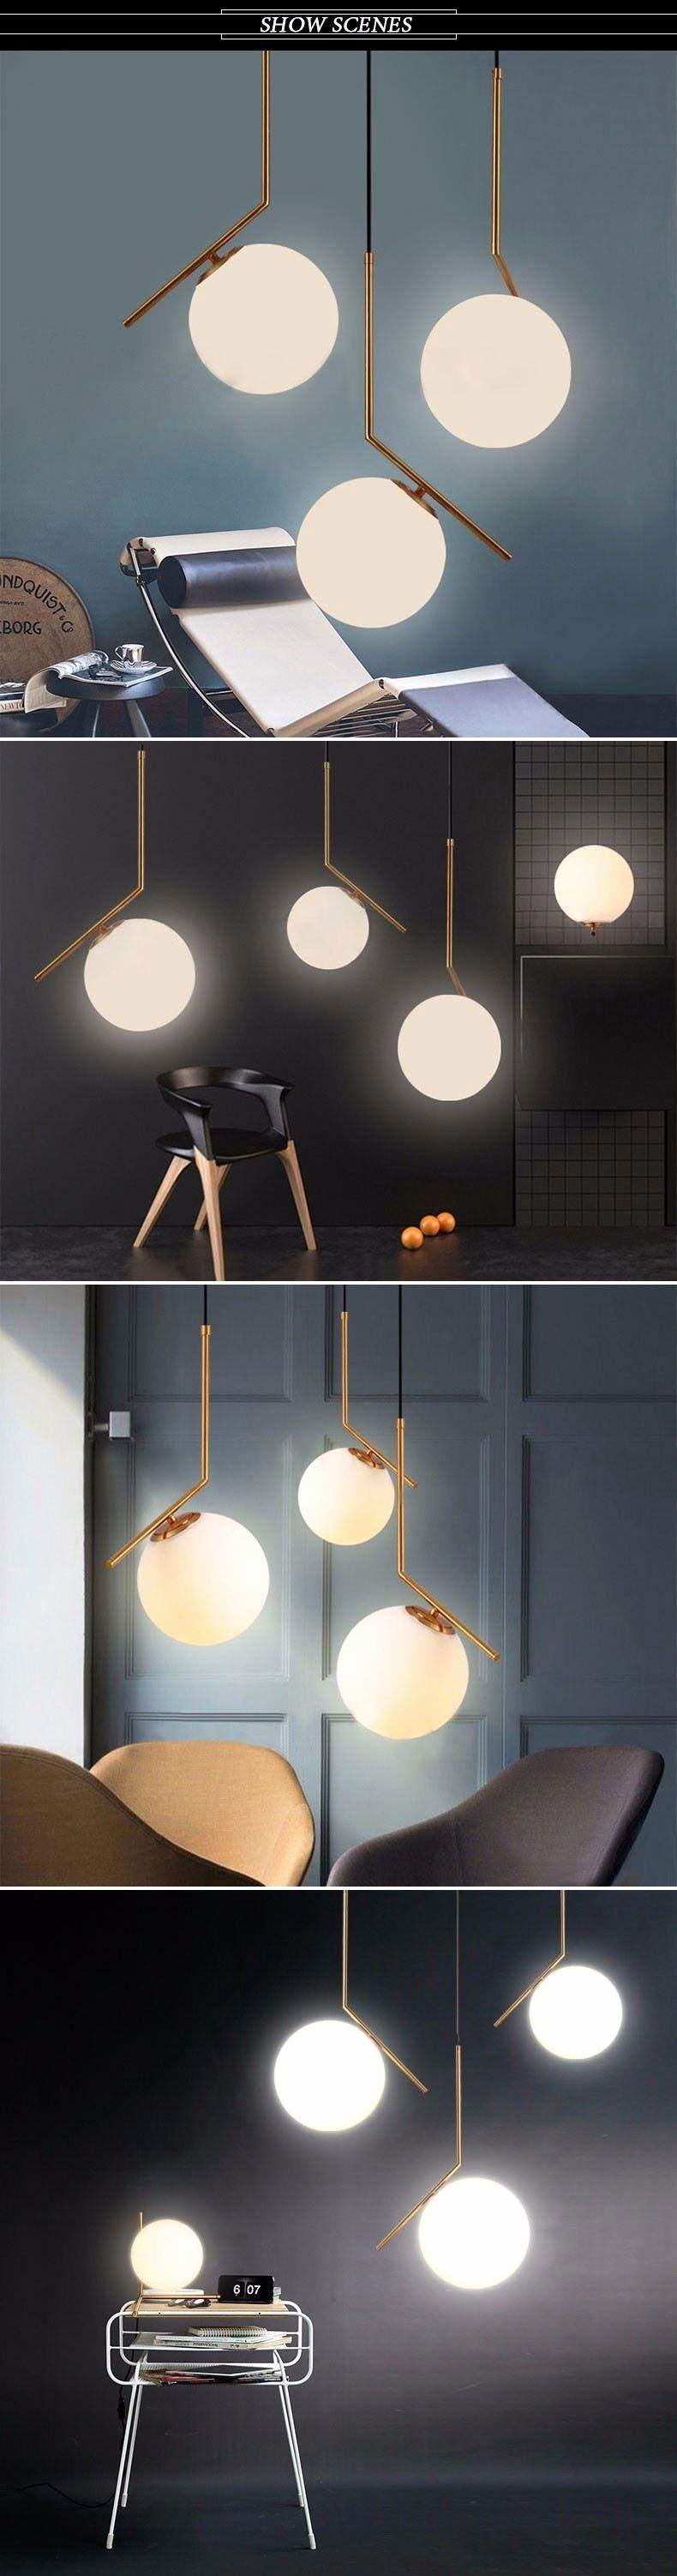 Lampe De Chevet solaire Frais Collection Lampe De Jardin solaire Moderne Eclairage solaire De Jardin Aussi